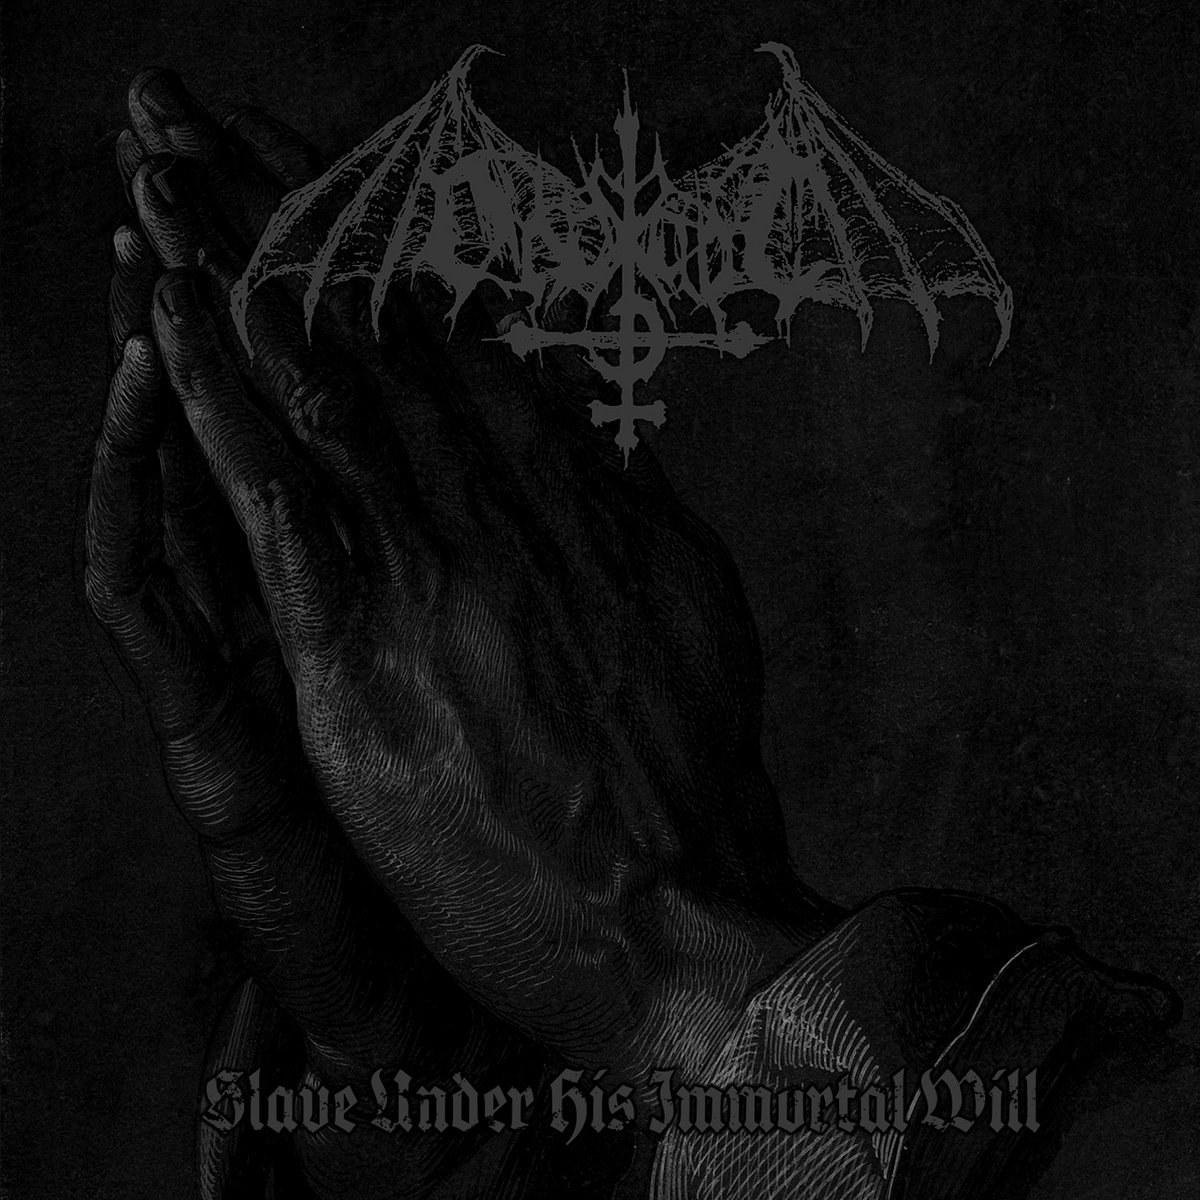 Ondskapt - Slave Under His Immortal Will